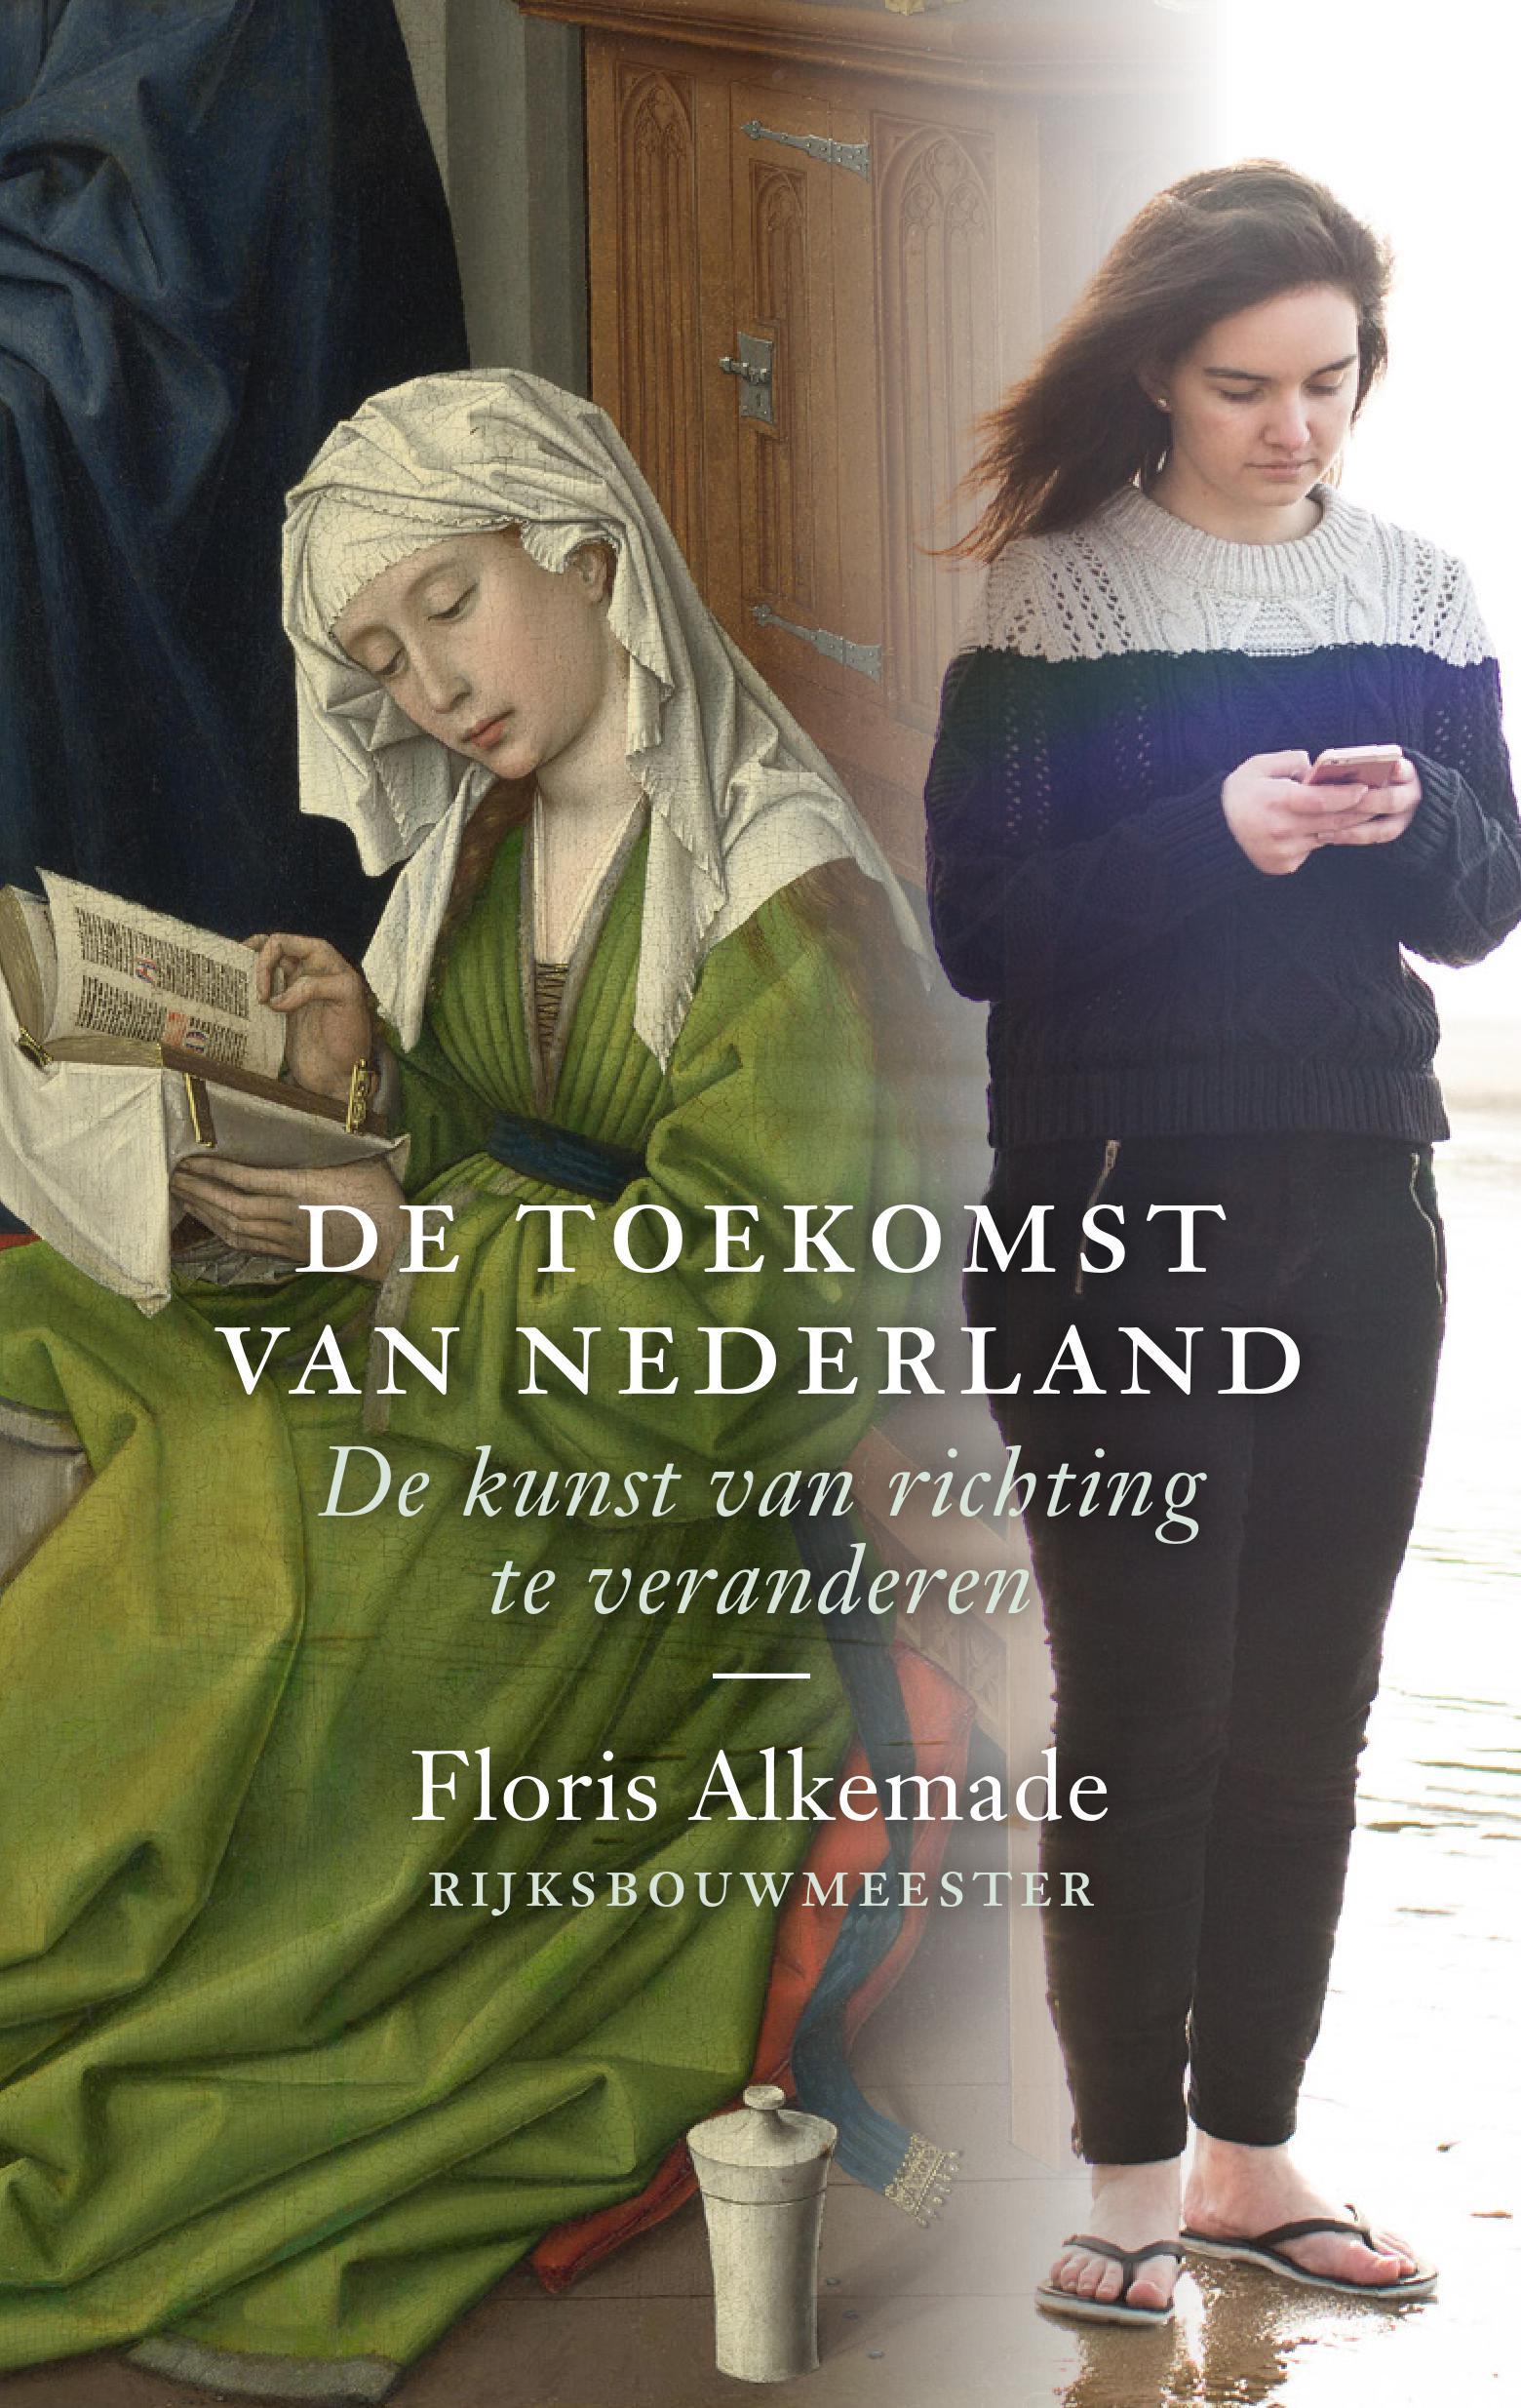 De toekomst van Nederland - Uitgeverij THOTH ISBN 978 90 6868 807 8